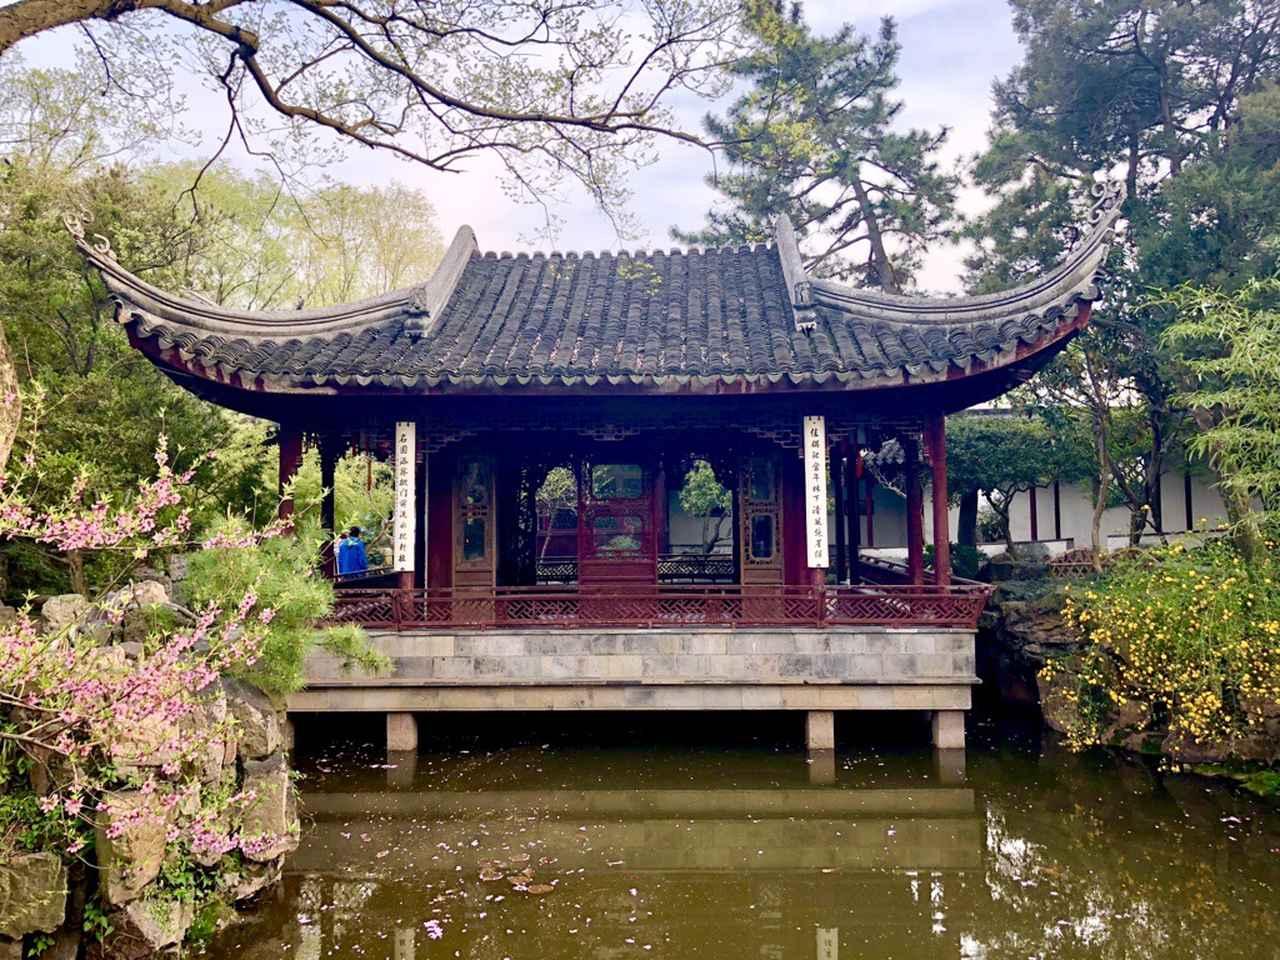 画像1: 世界遺産・蘇州の留園(3月撮影 イメージ)